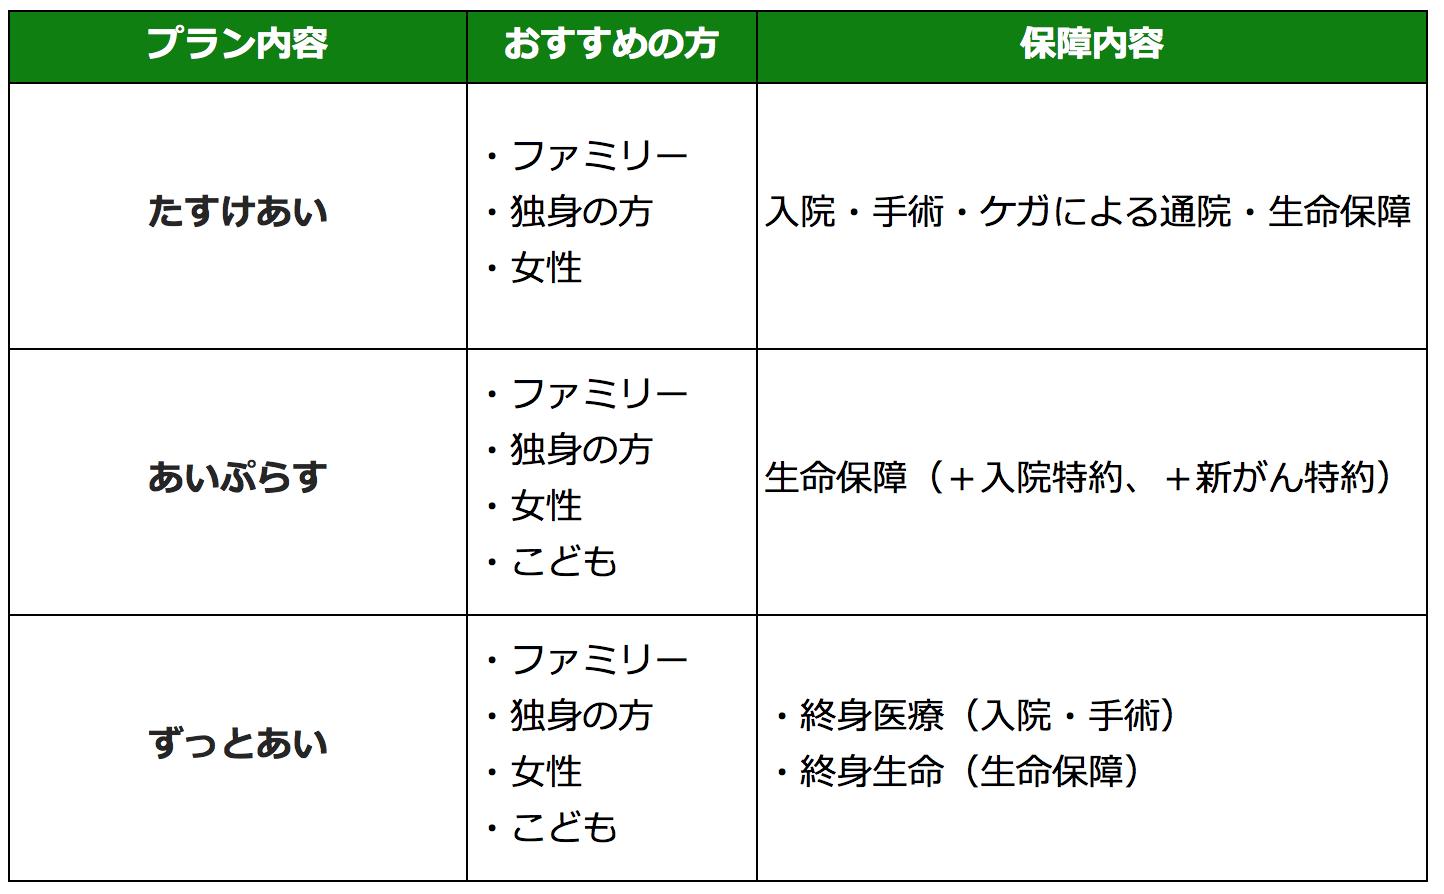 元 カノ と 復縁 line